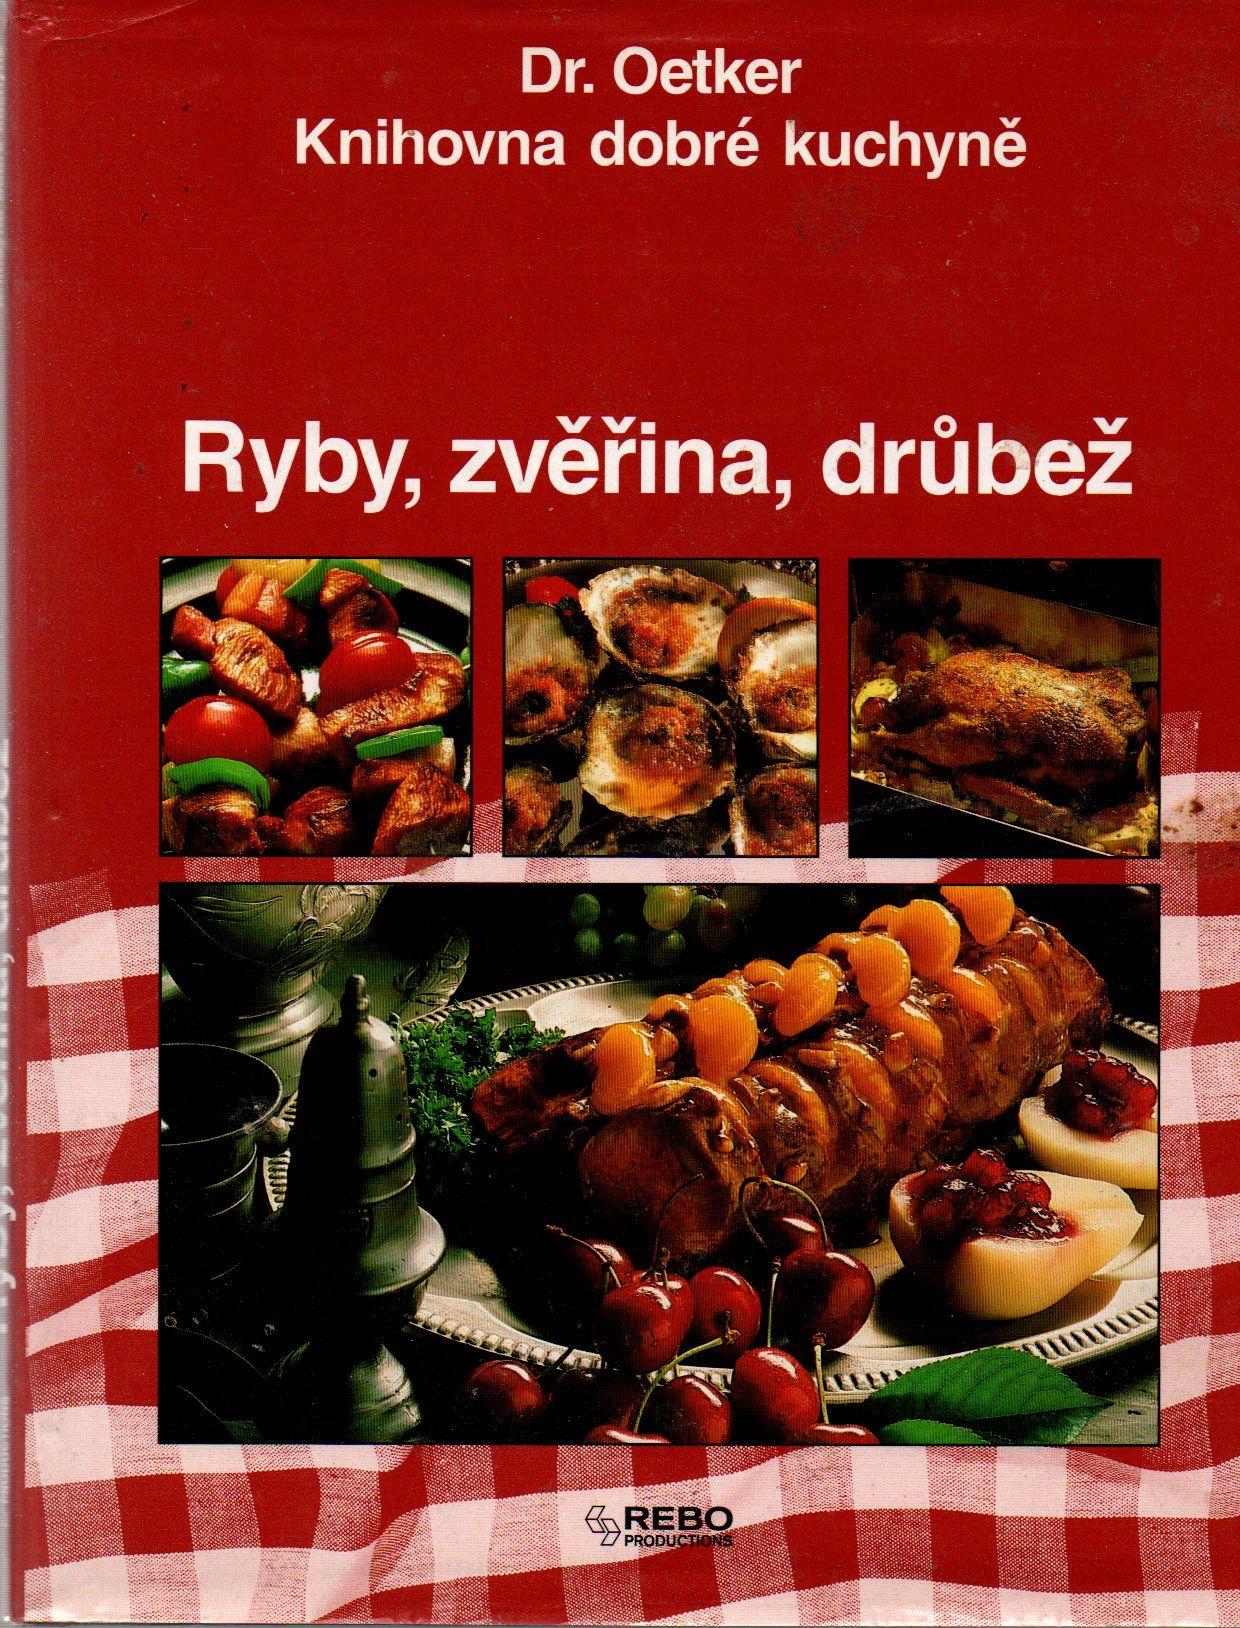 Ryby, zvěřina, drůbež - Dr. Oetker, Knihovna dobré kuchyně